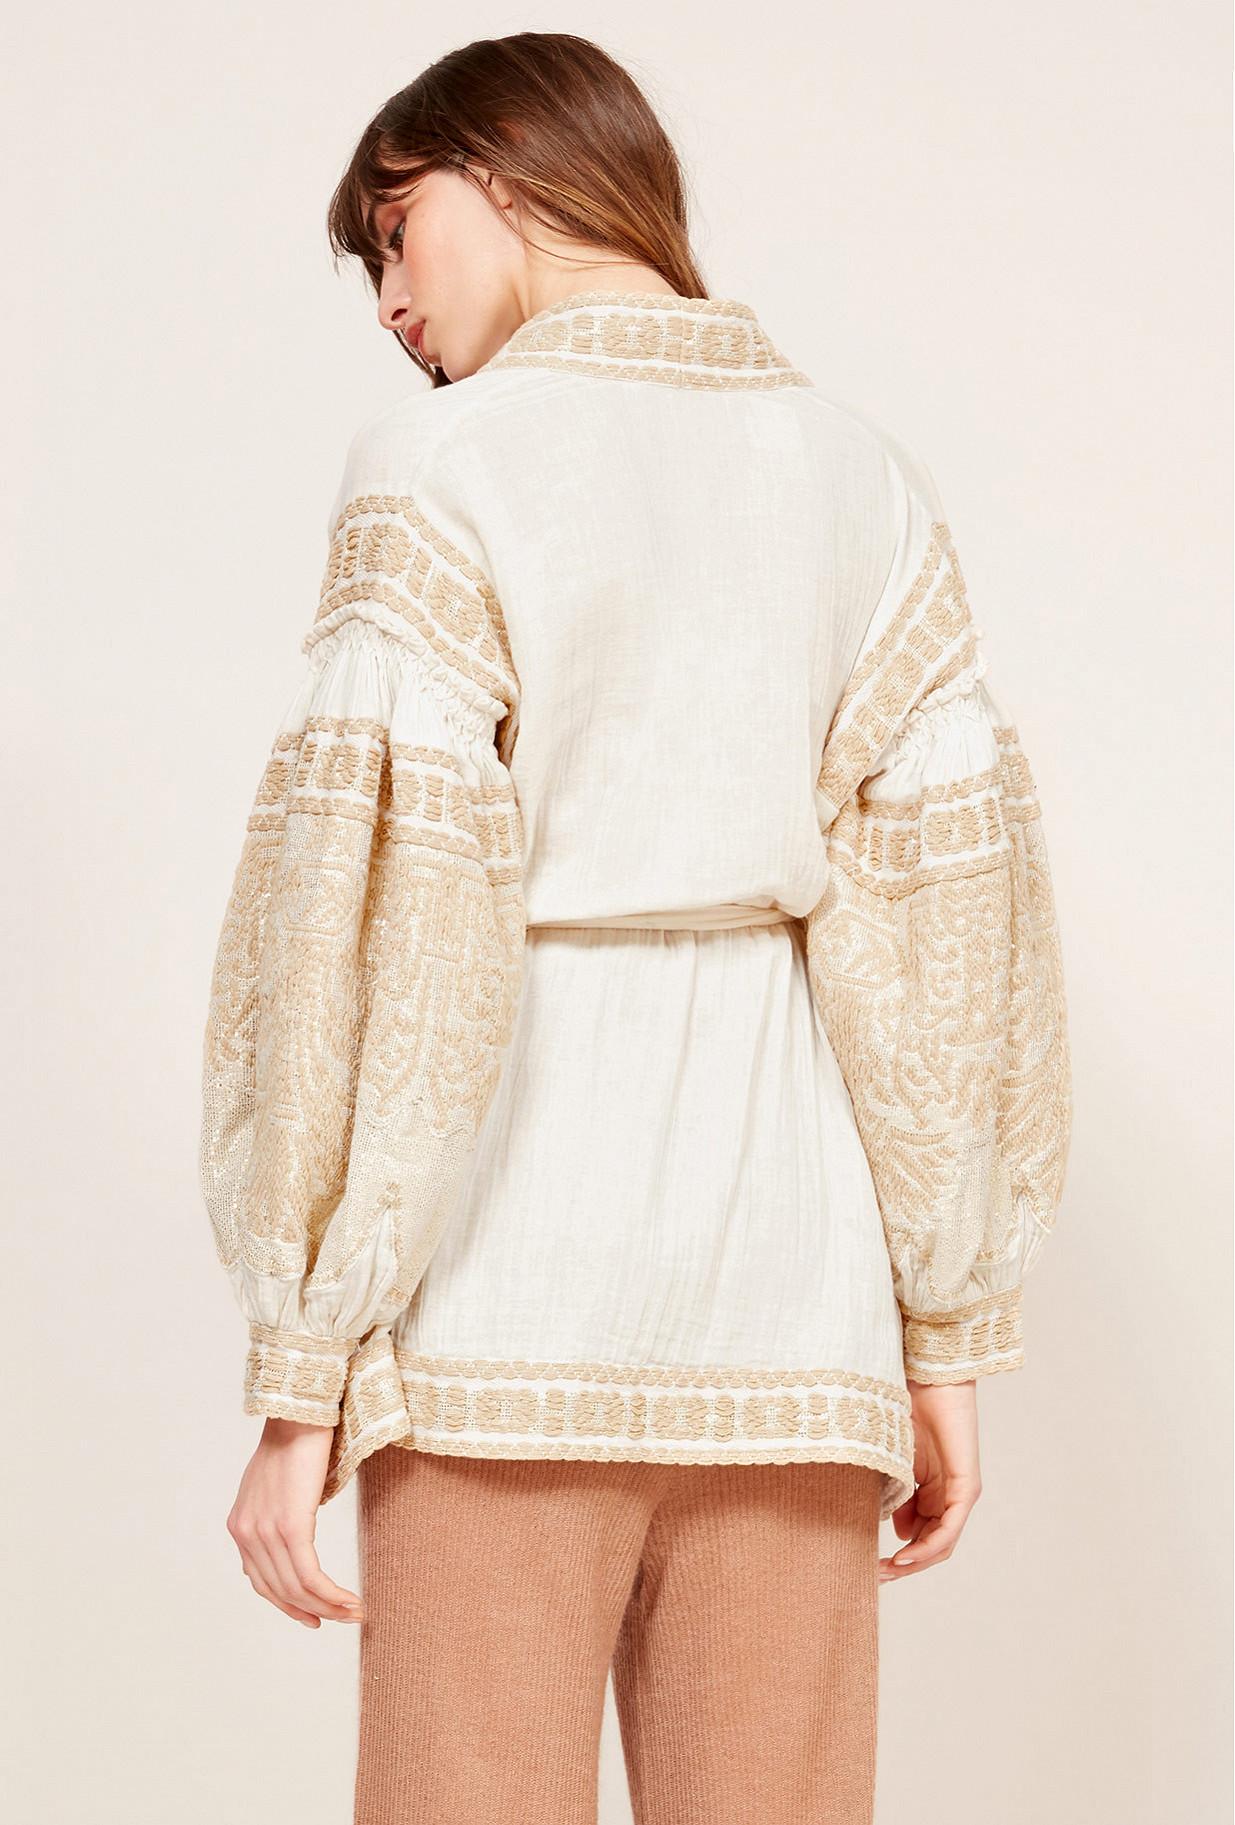 Paris clothes store Kimono  Kasak french designer fashion Paris